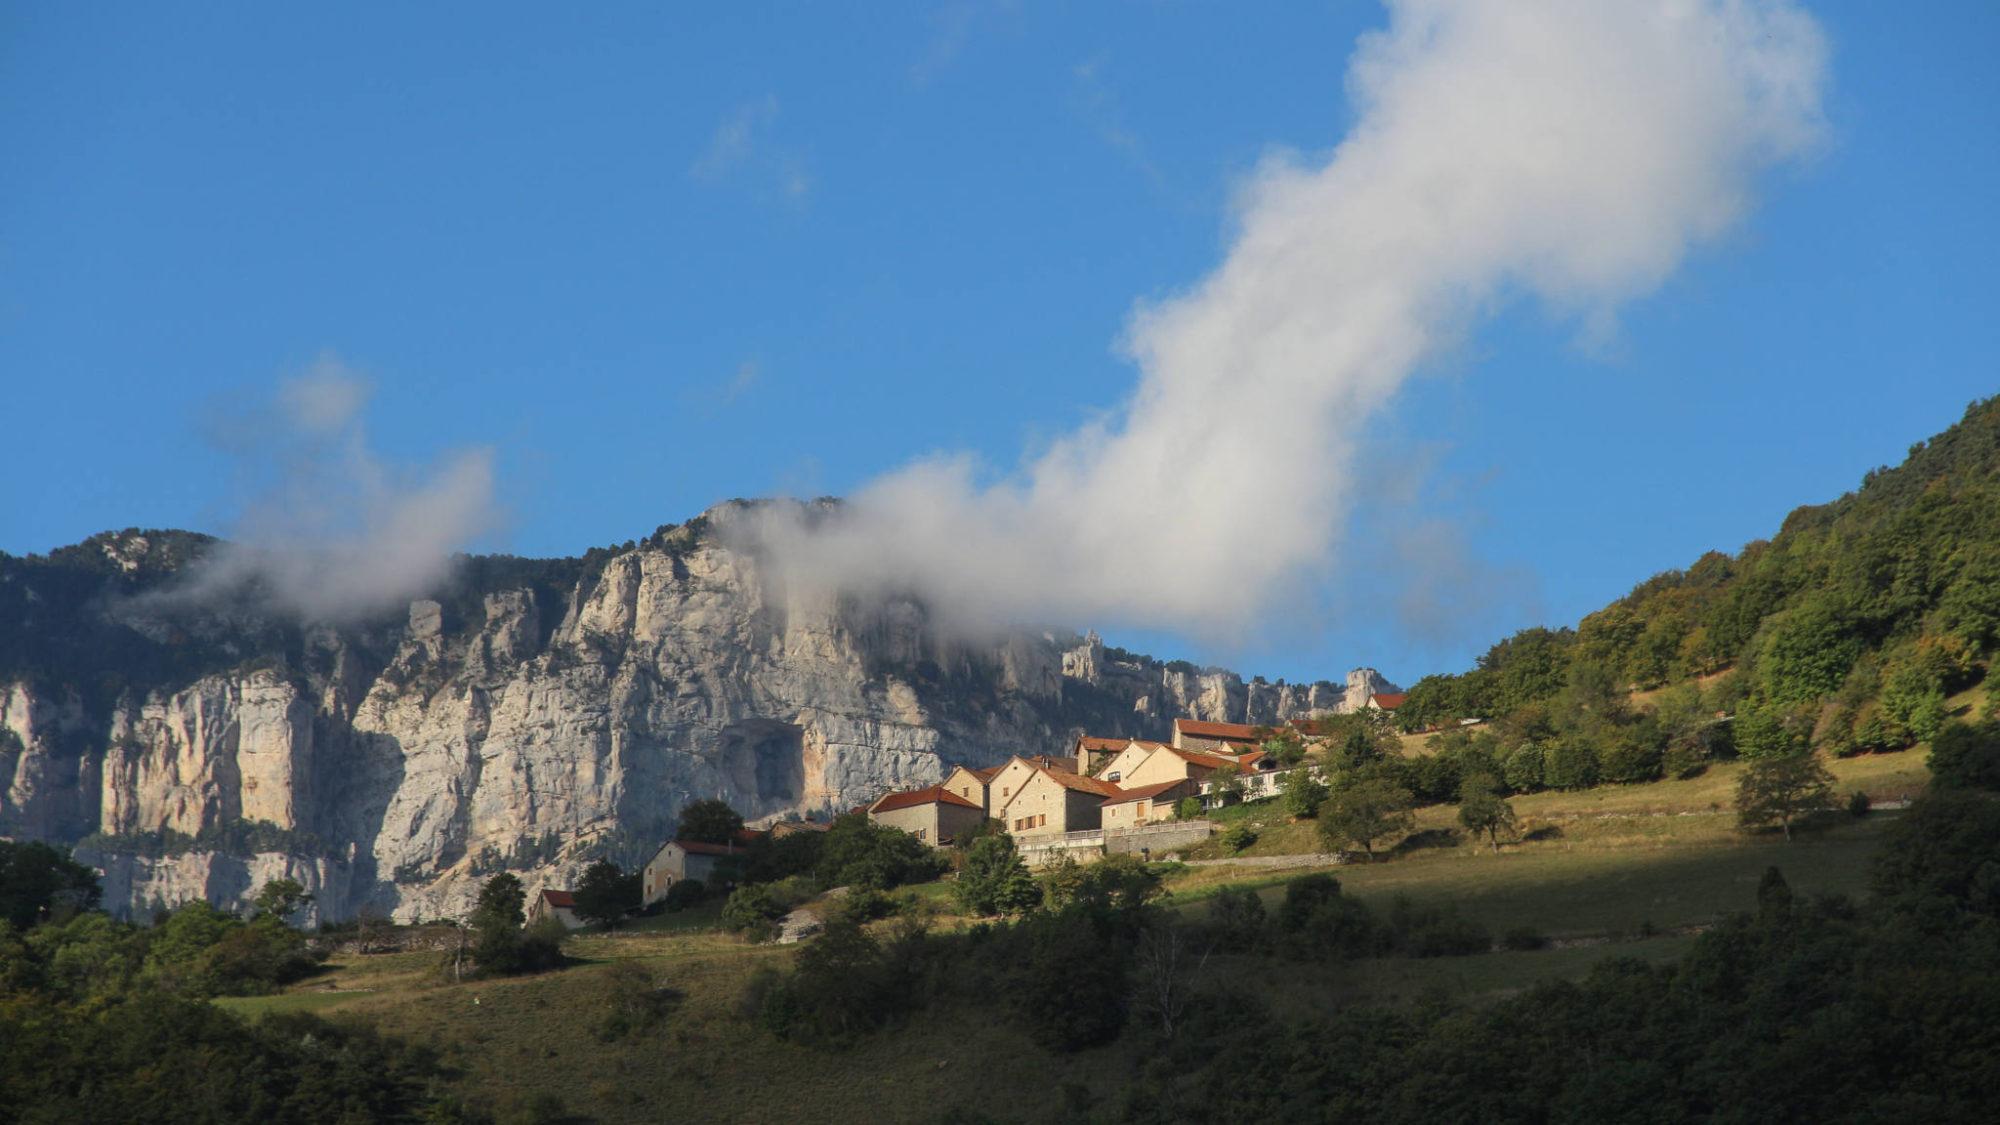 Le village perché de Bénevise près du cirque d'Archiane - photo P. Gaudin